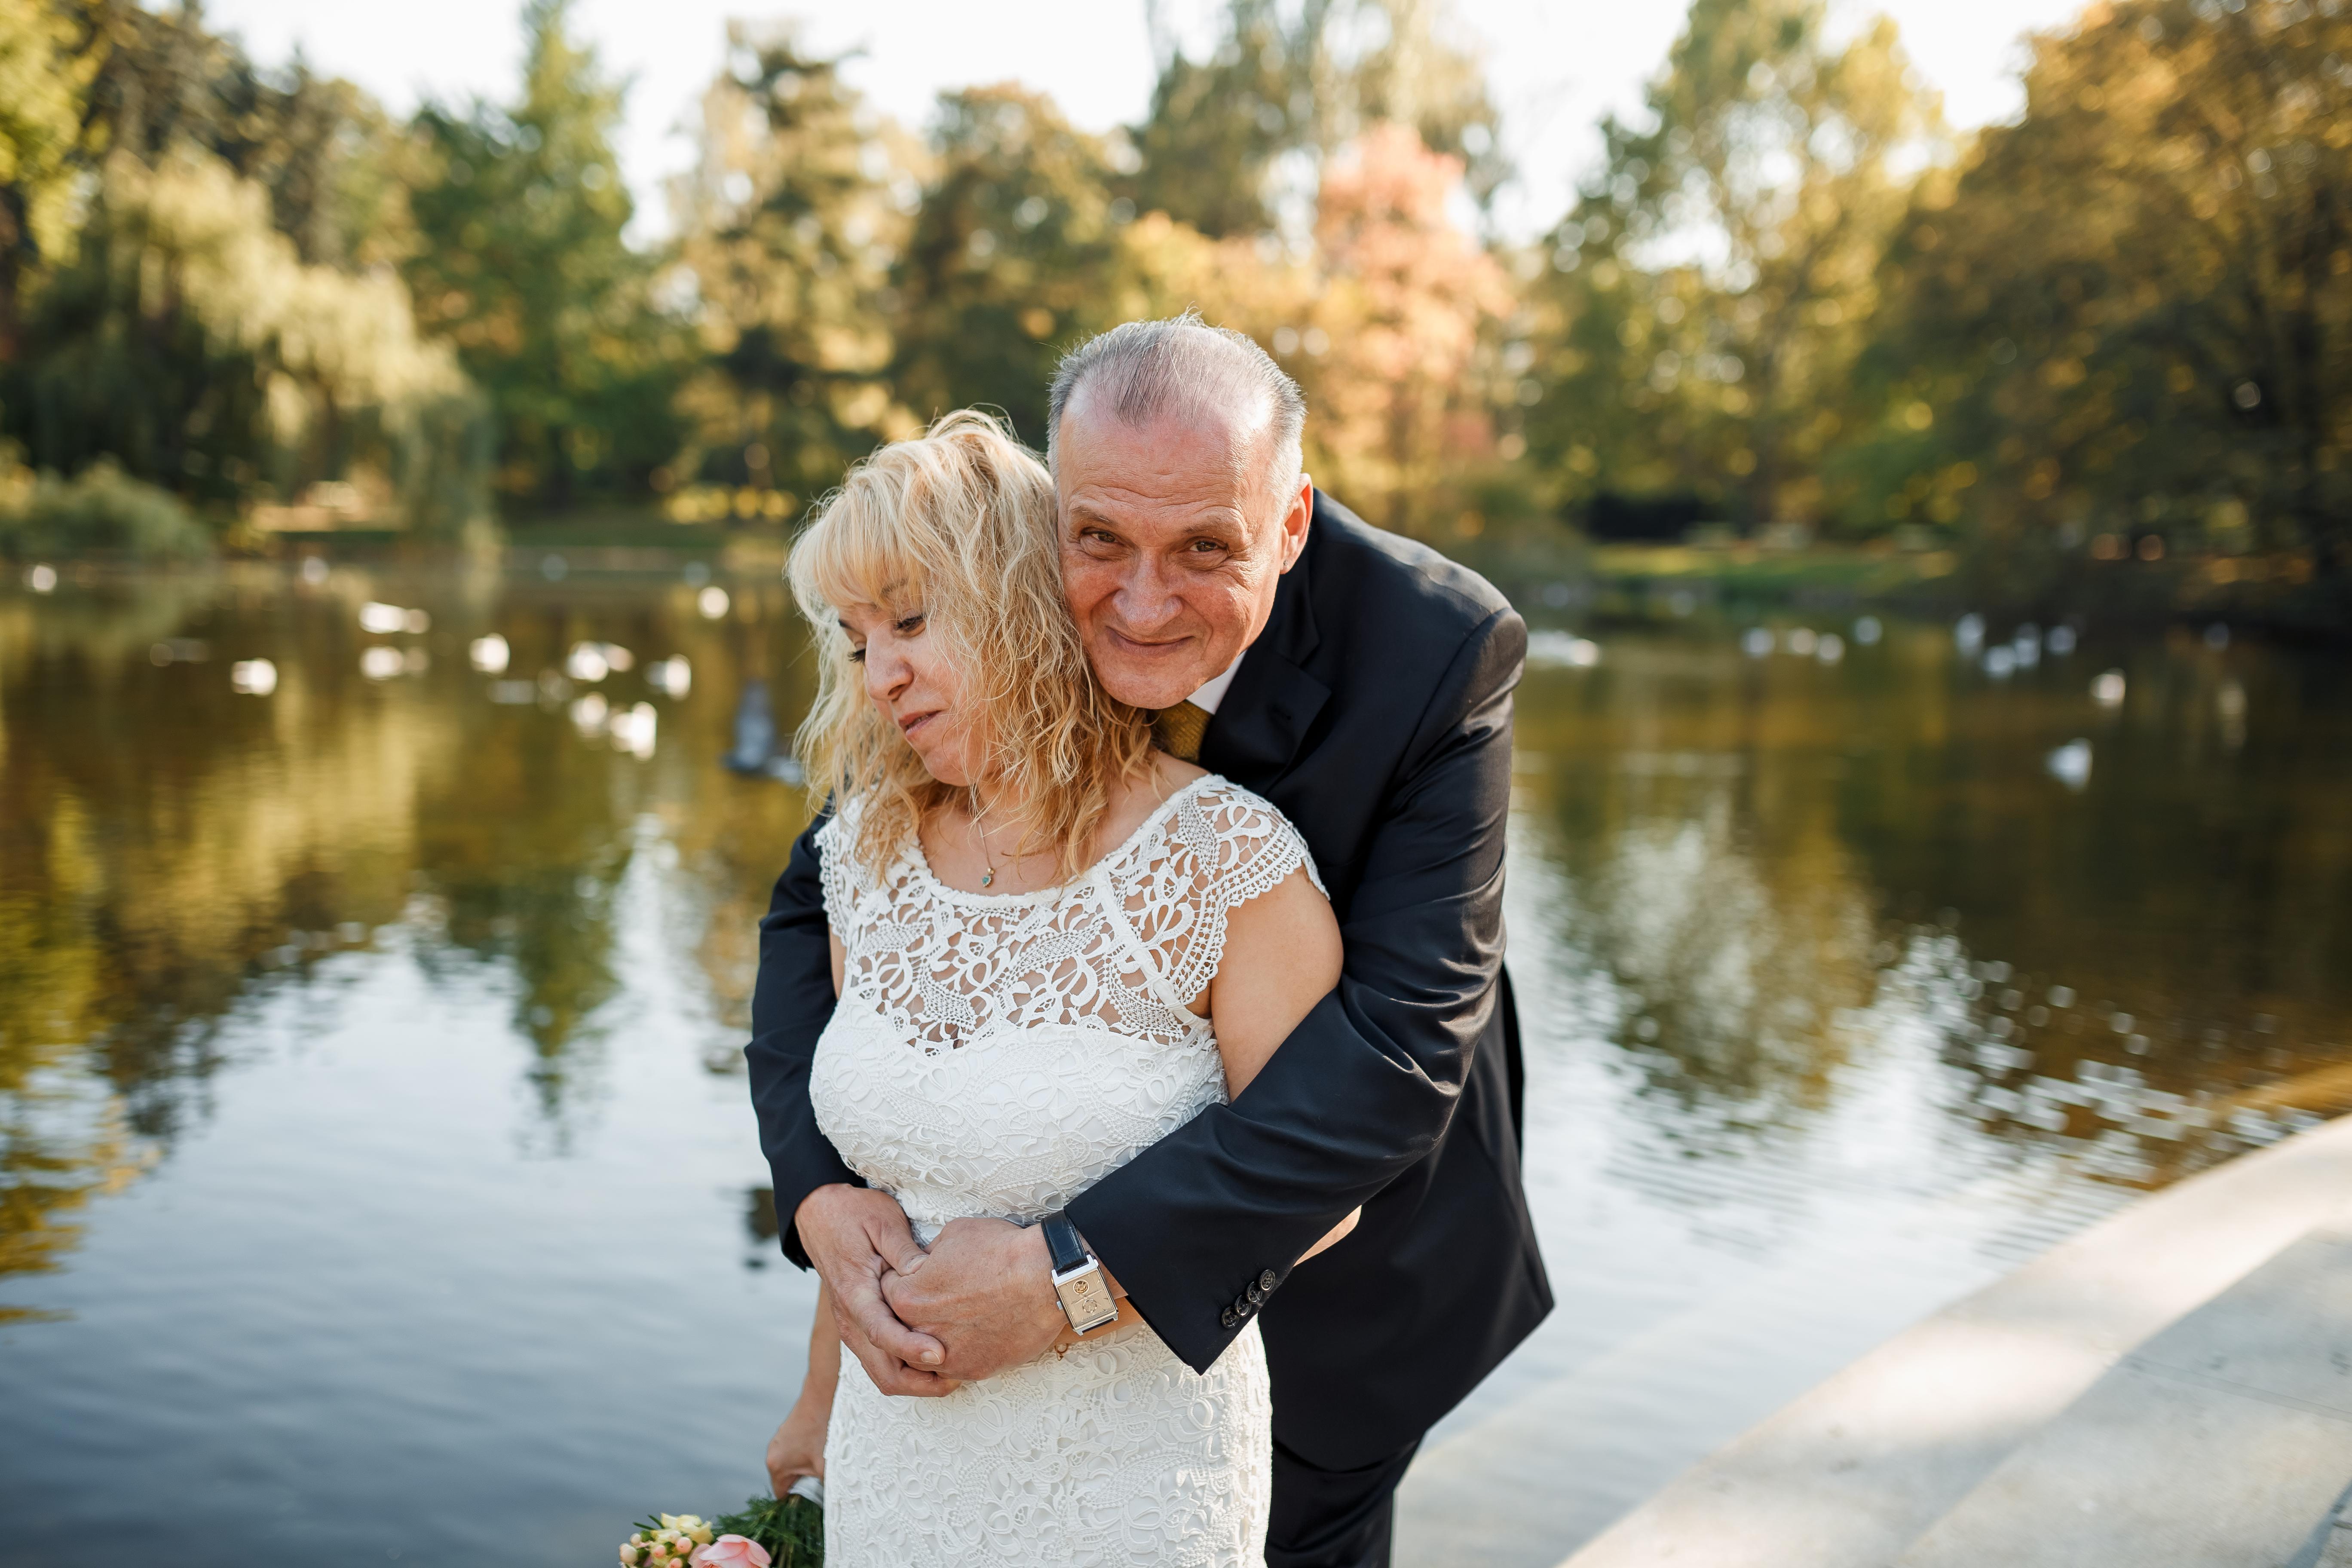 Замуж за поляка, какие трудности и сложности предстоит перед тем как выйти замуж за поляка.-2